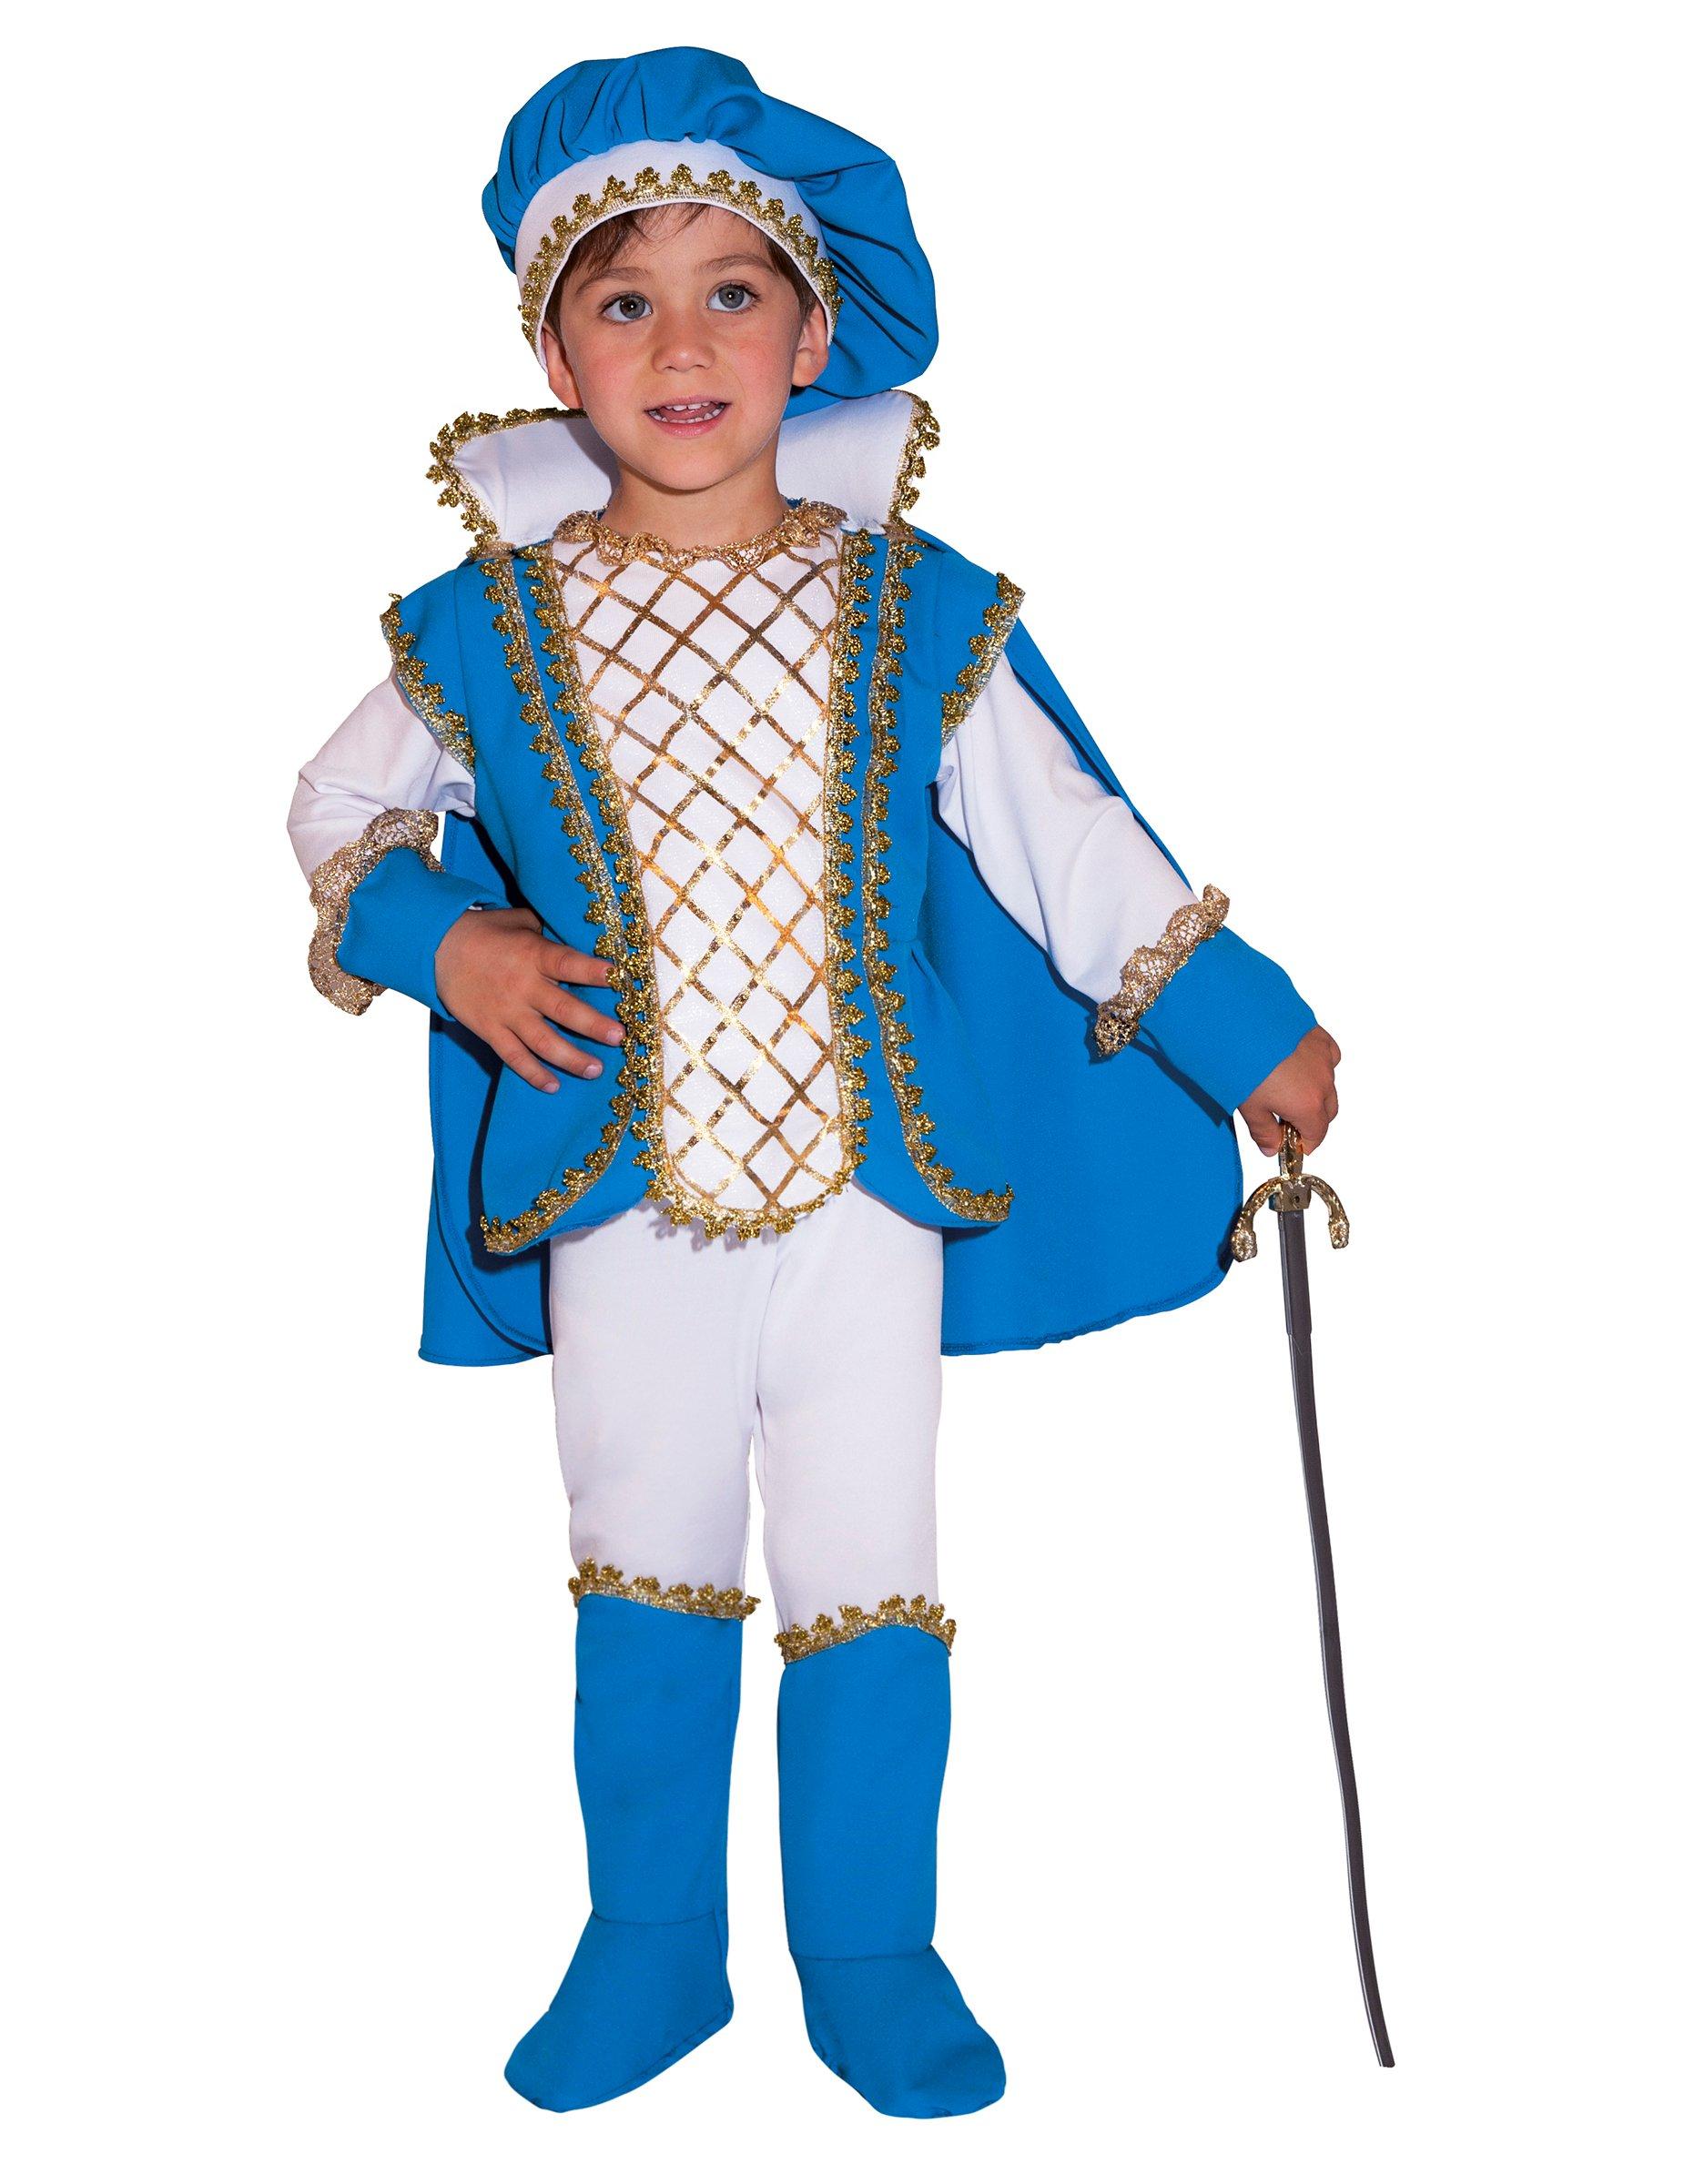 9262f1e7e9b1 Costume da principe azzurro da bambino  Costumi bambini